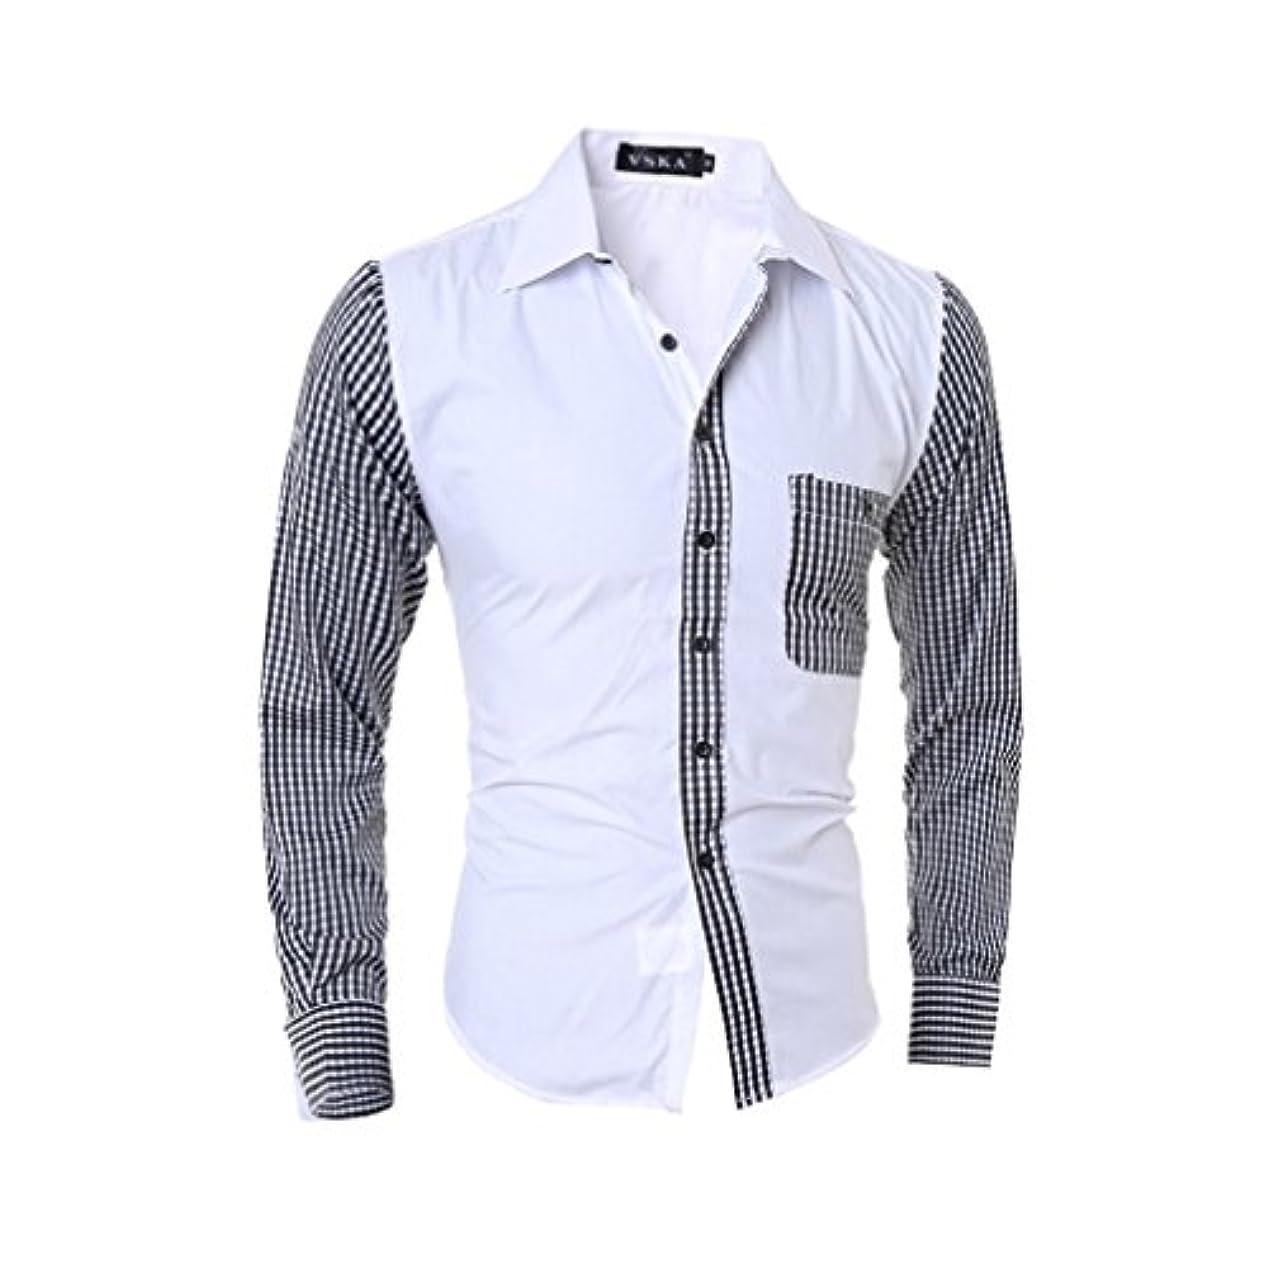 偽大きさメールHonghu メンズ シャツ 長袖 裏地付き スリム カジュアル ホワイト L 1PC